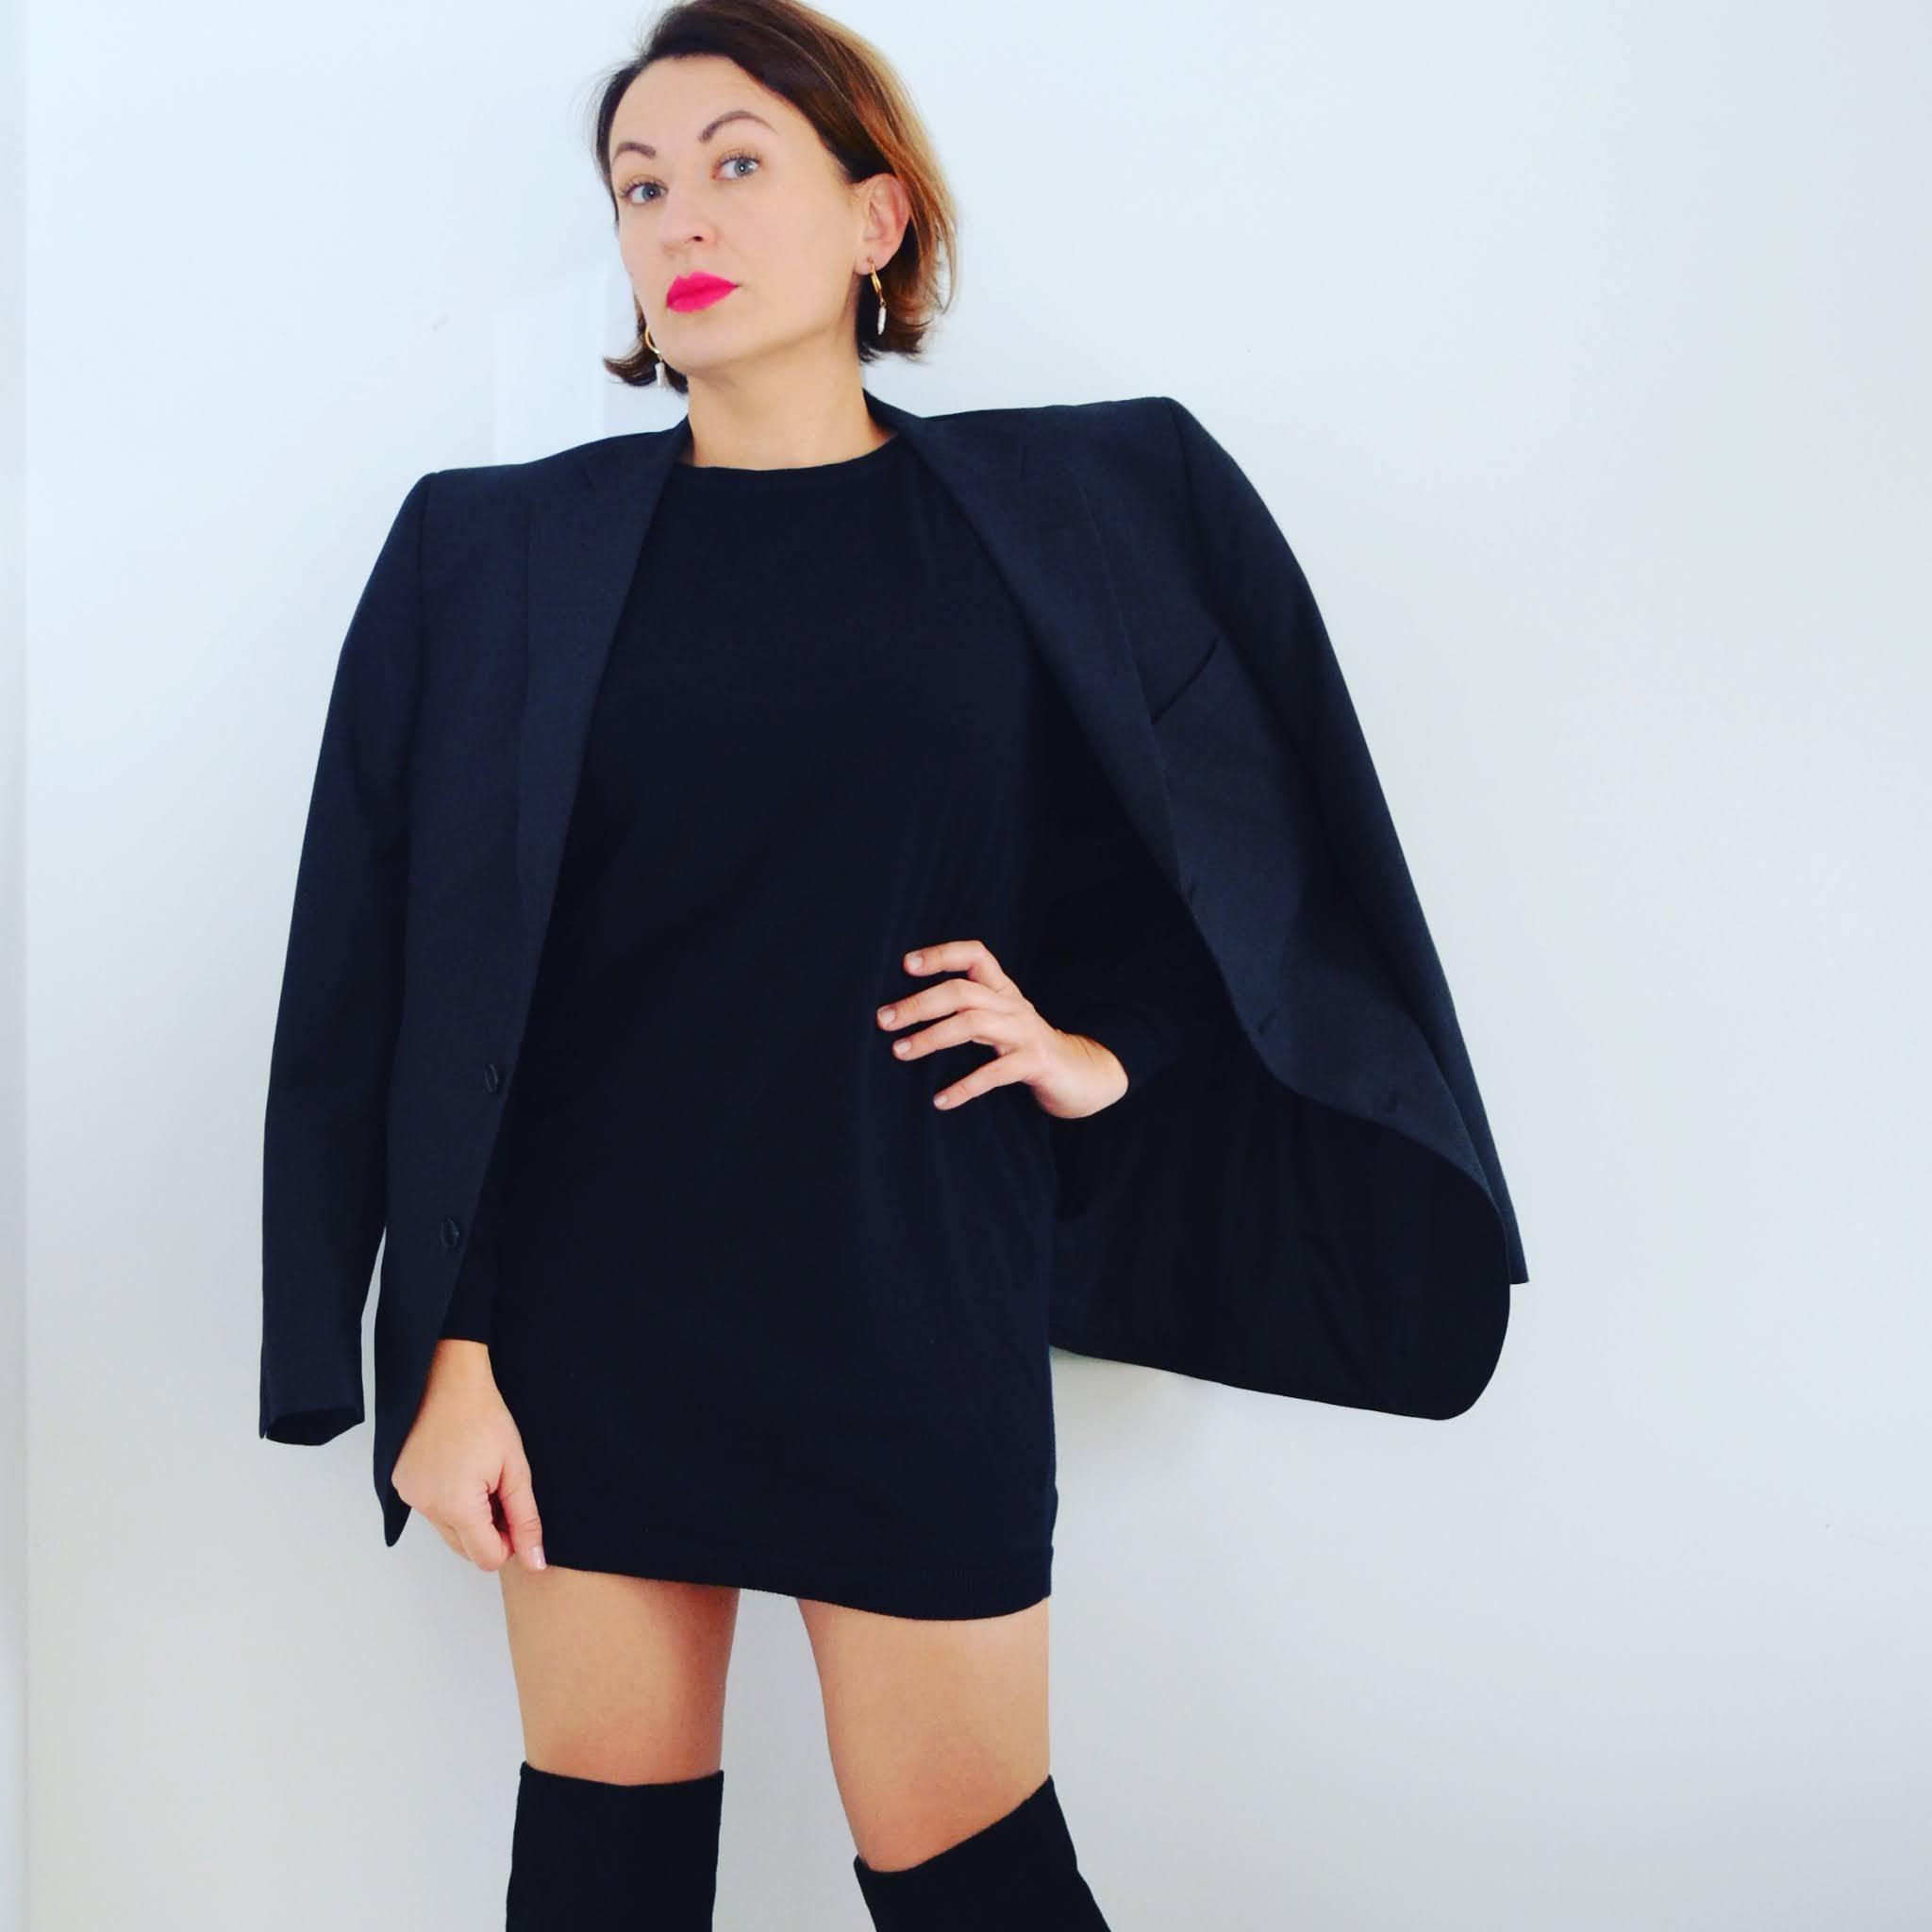 moda,fashion,męska marynarka,kozaki za kolano,dzianinowa mini-sukienka;Marks&Spencer Blazer,Zara Over Knee Boots,Blazer from a man's closet'